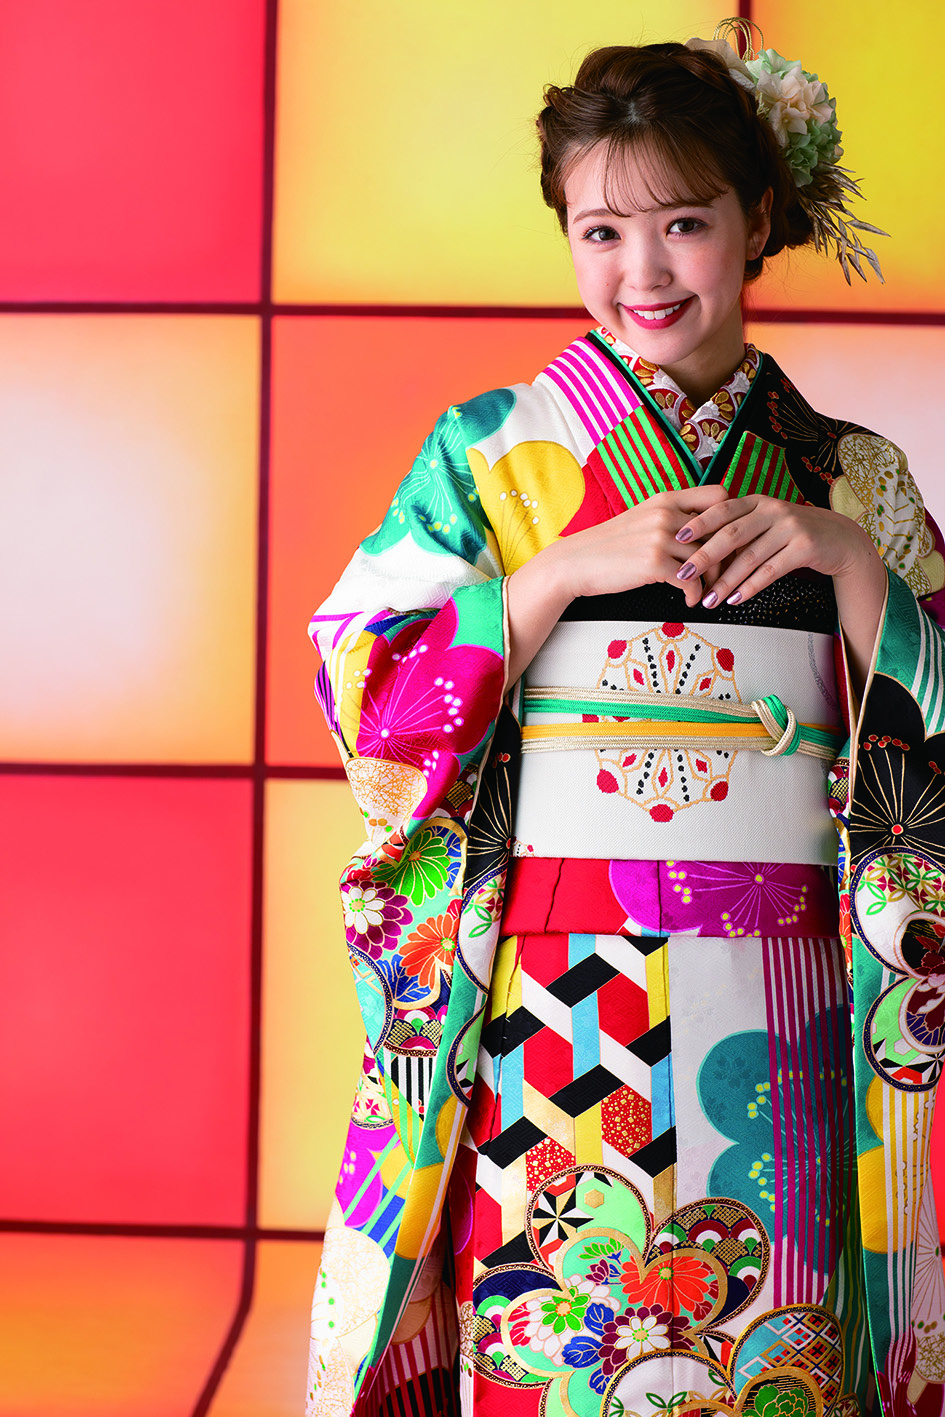 ≪2021年成人式振袖 新作展示会≫☆2021年に成人式を迎えるお嬢様へ☆